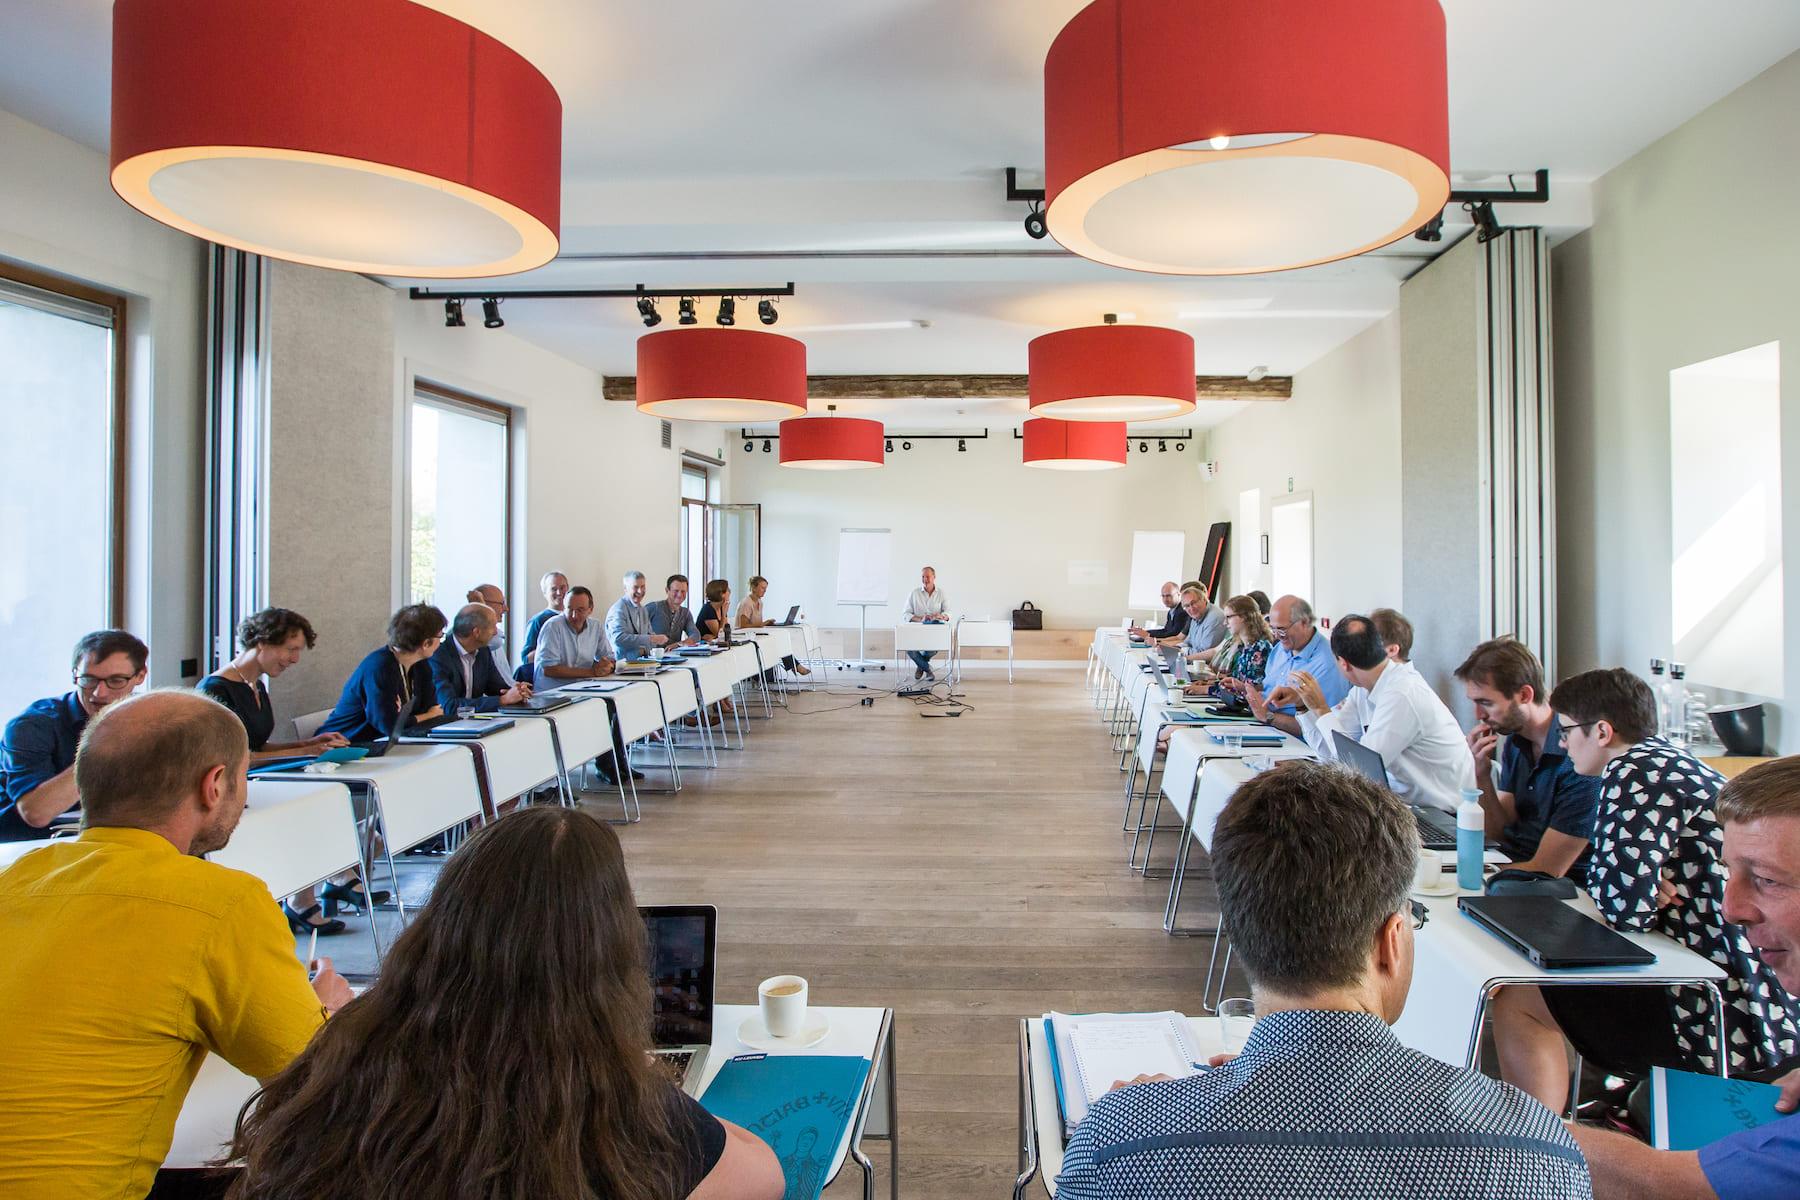 Kasteelhoeve Wange bedrijven & organisaties vergaderen vergaderruimtes teambuilding afhuren indoor zalen meetings